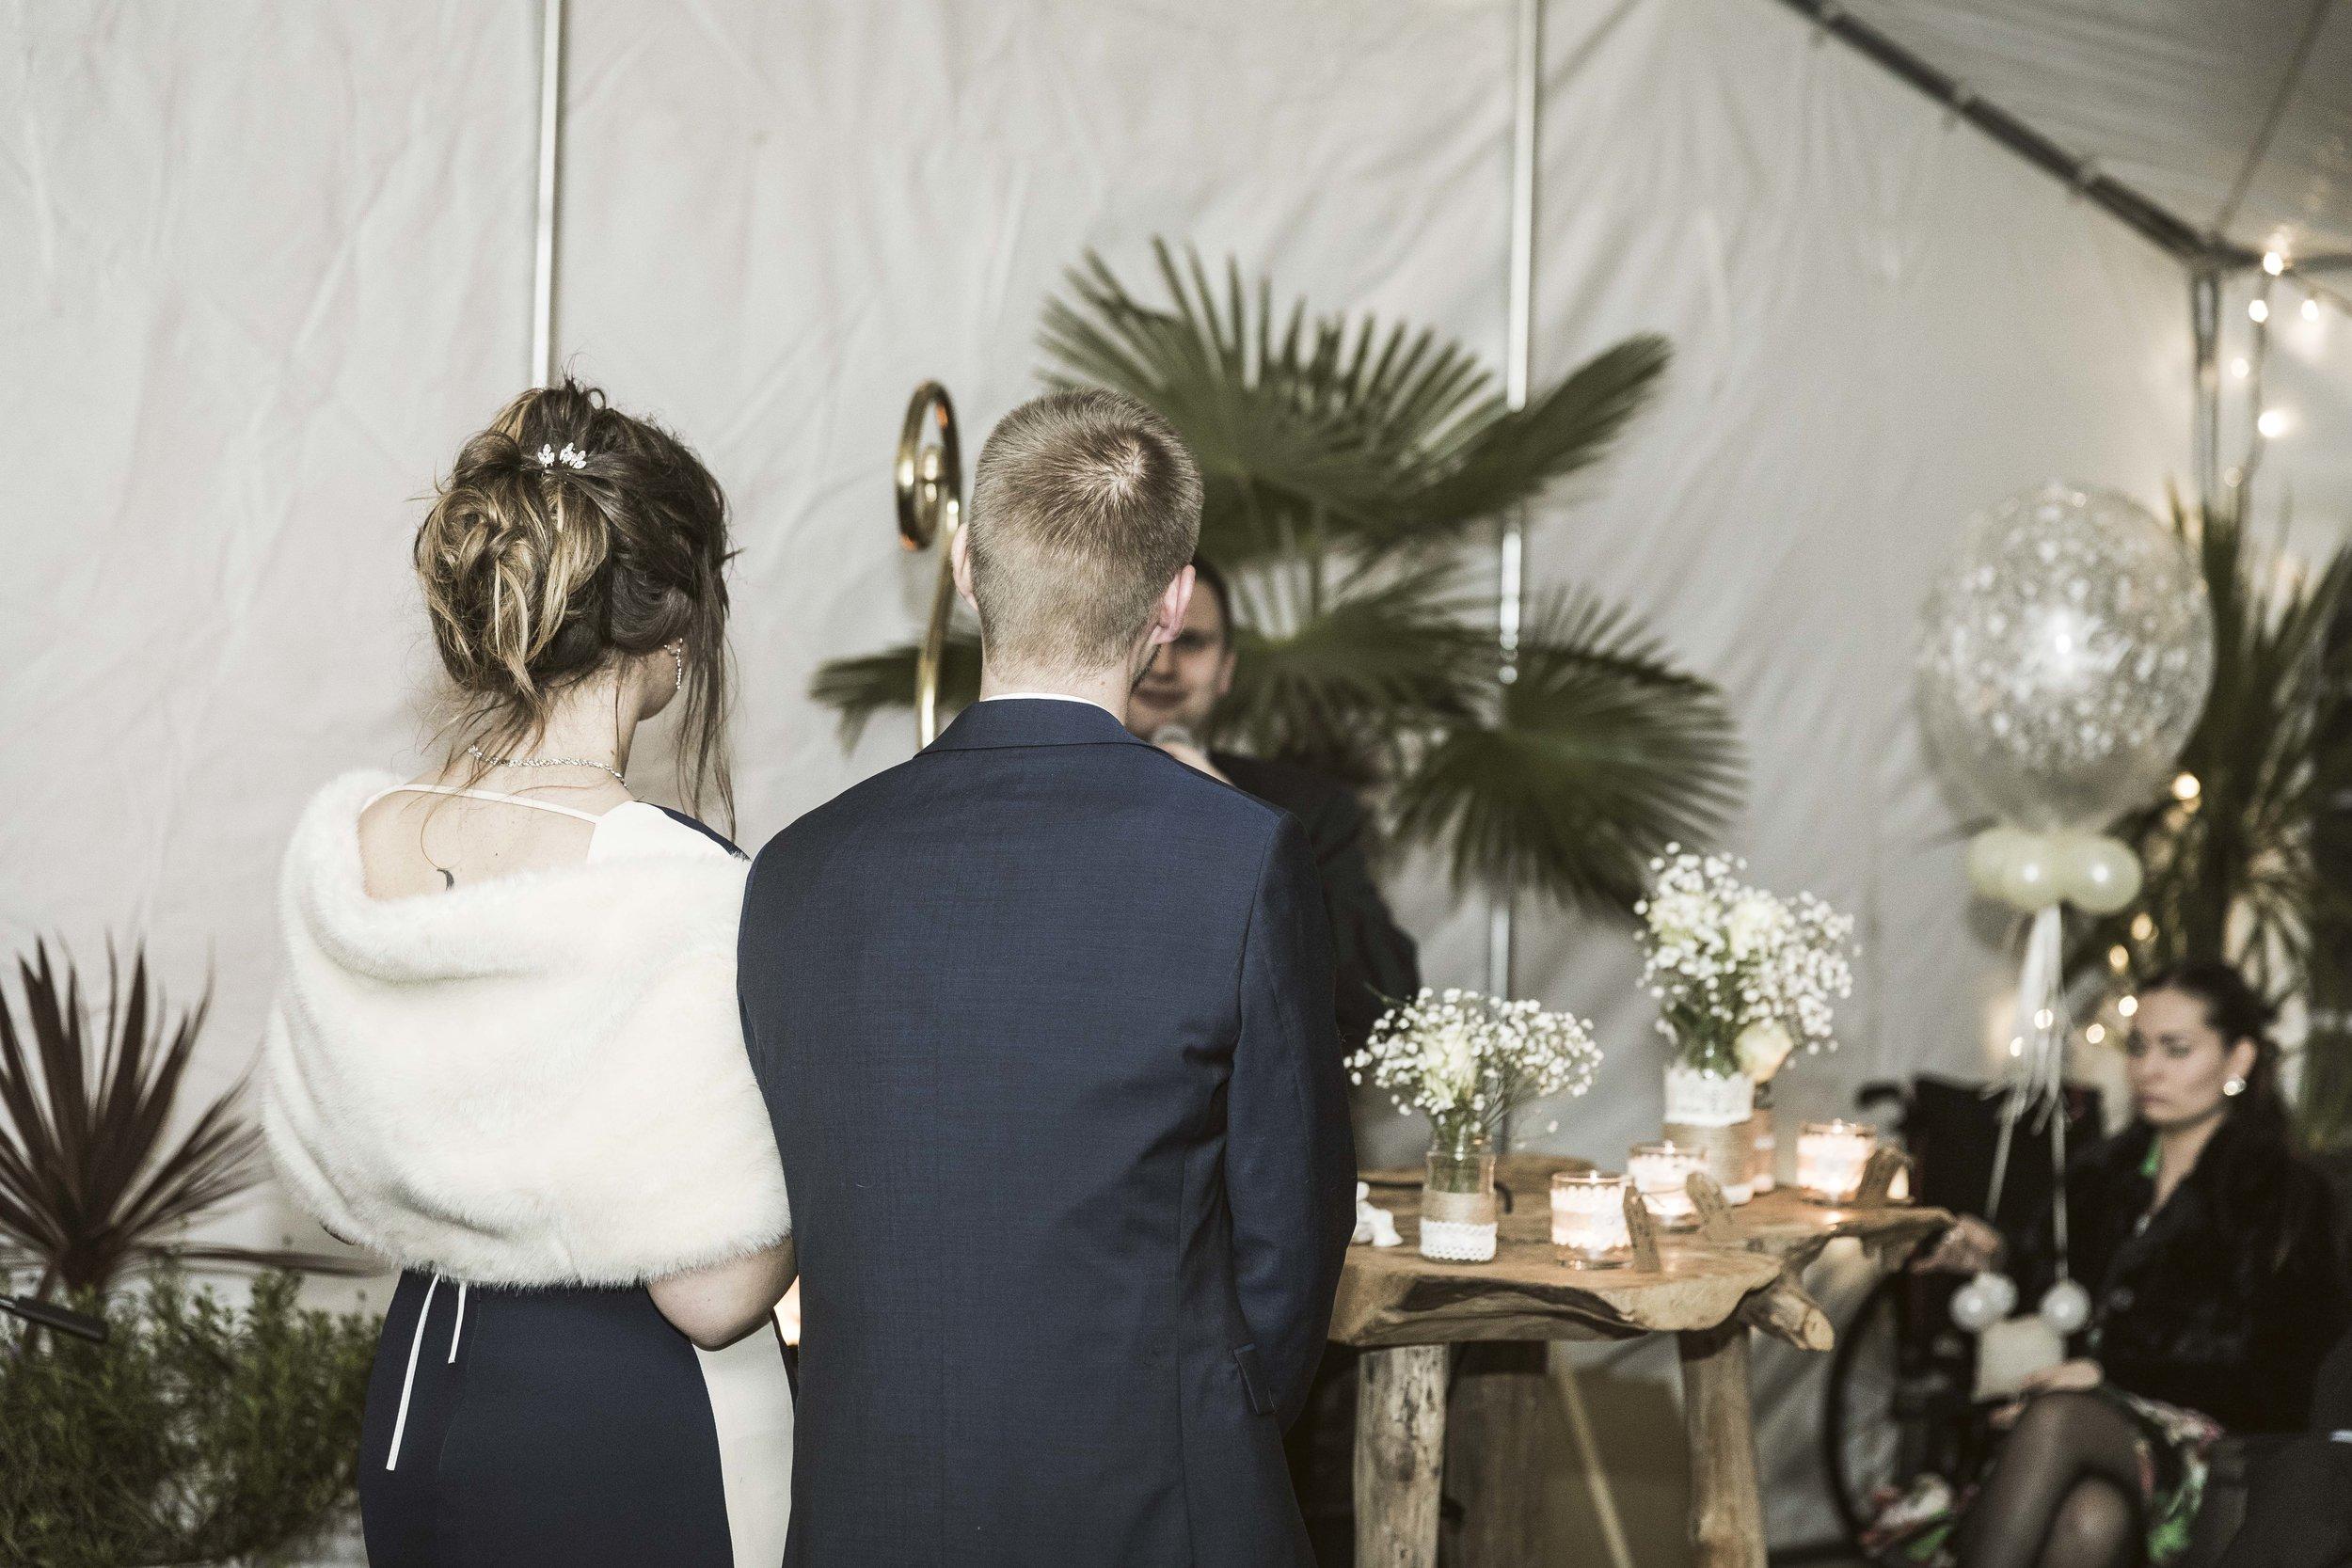 Huwelijk-Karo-Steven-20171216-Alexis-Breugelmans-047.jpg